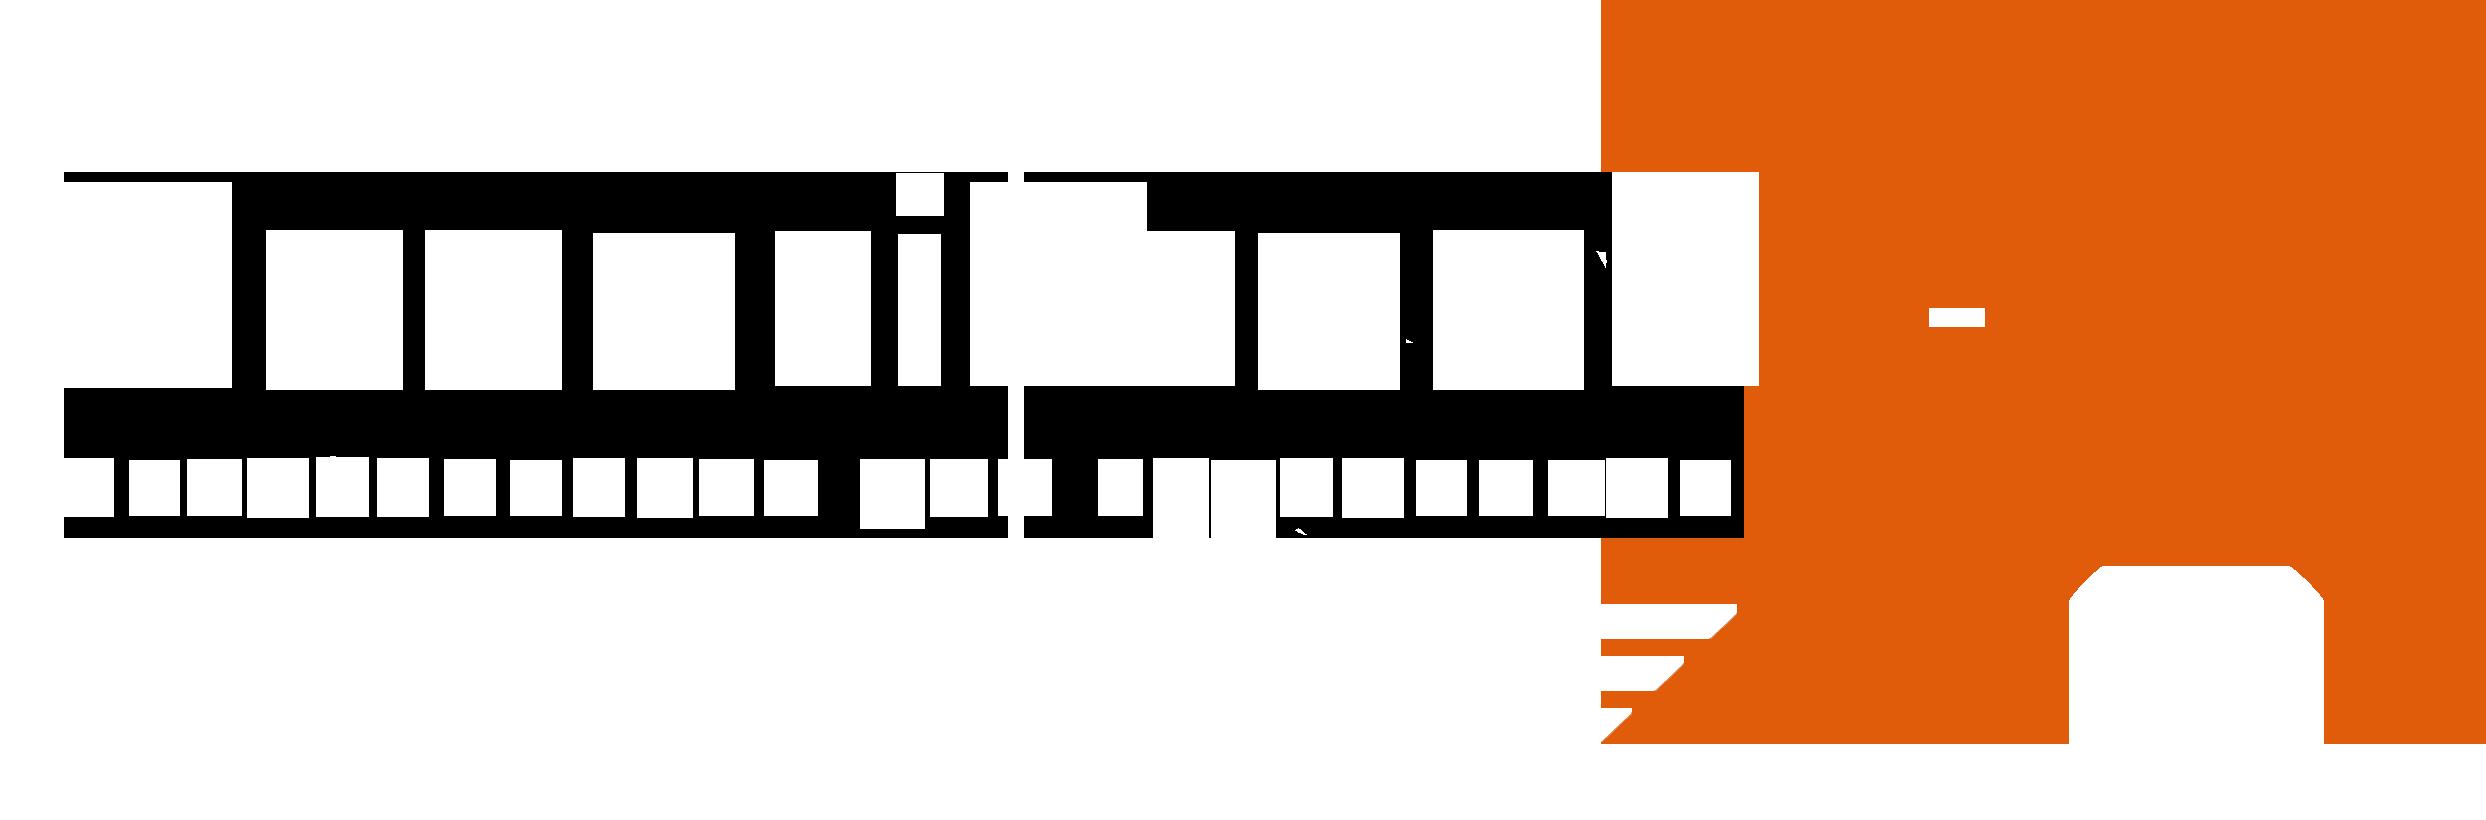 УссуриТрак - магазин запчастей для грузовиков и полуприцепов